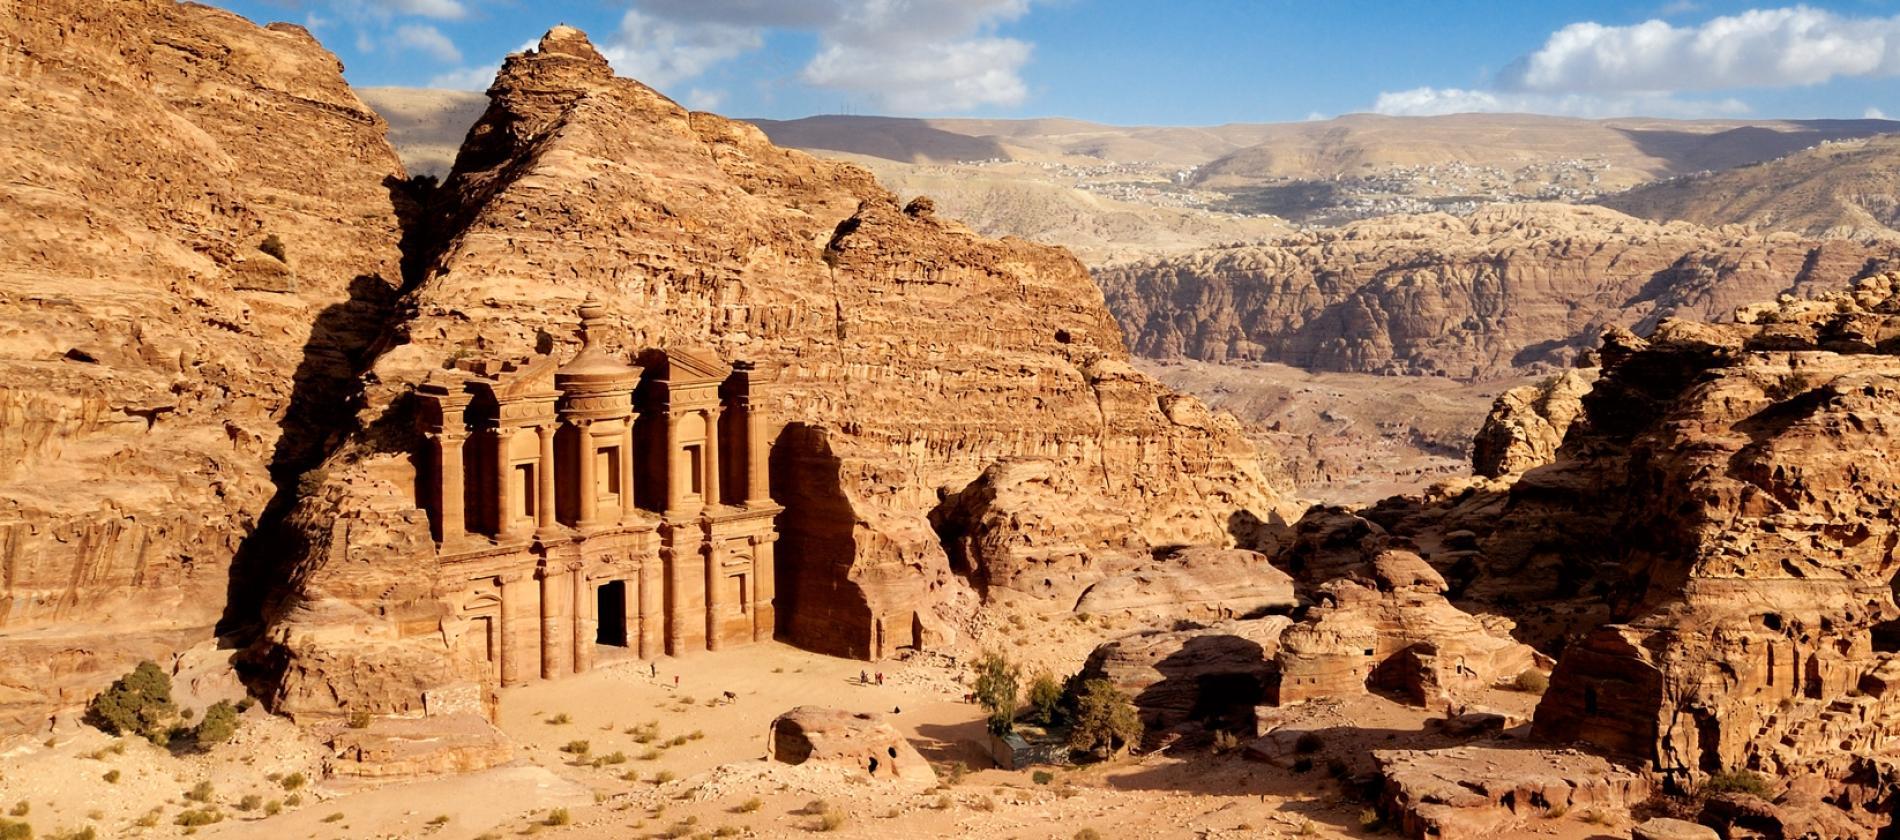 PETRA-jordan-daily-tours